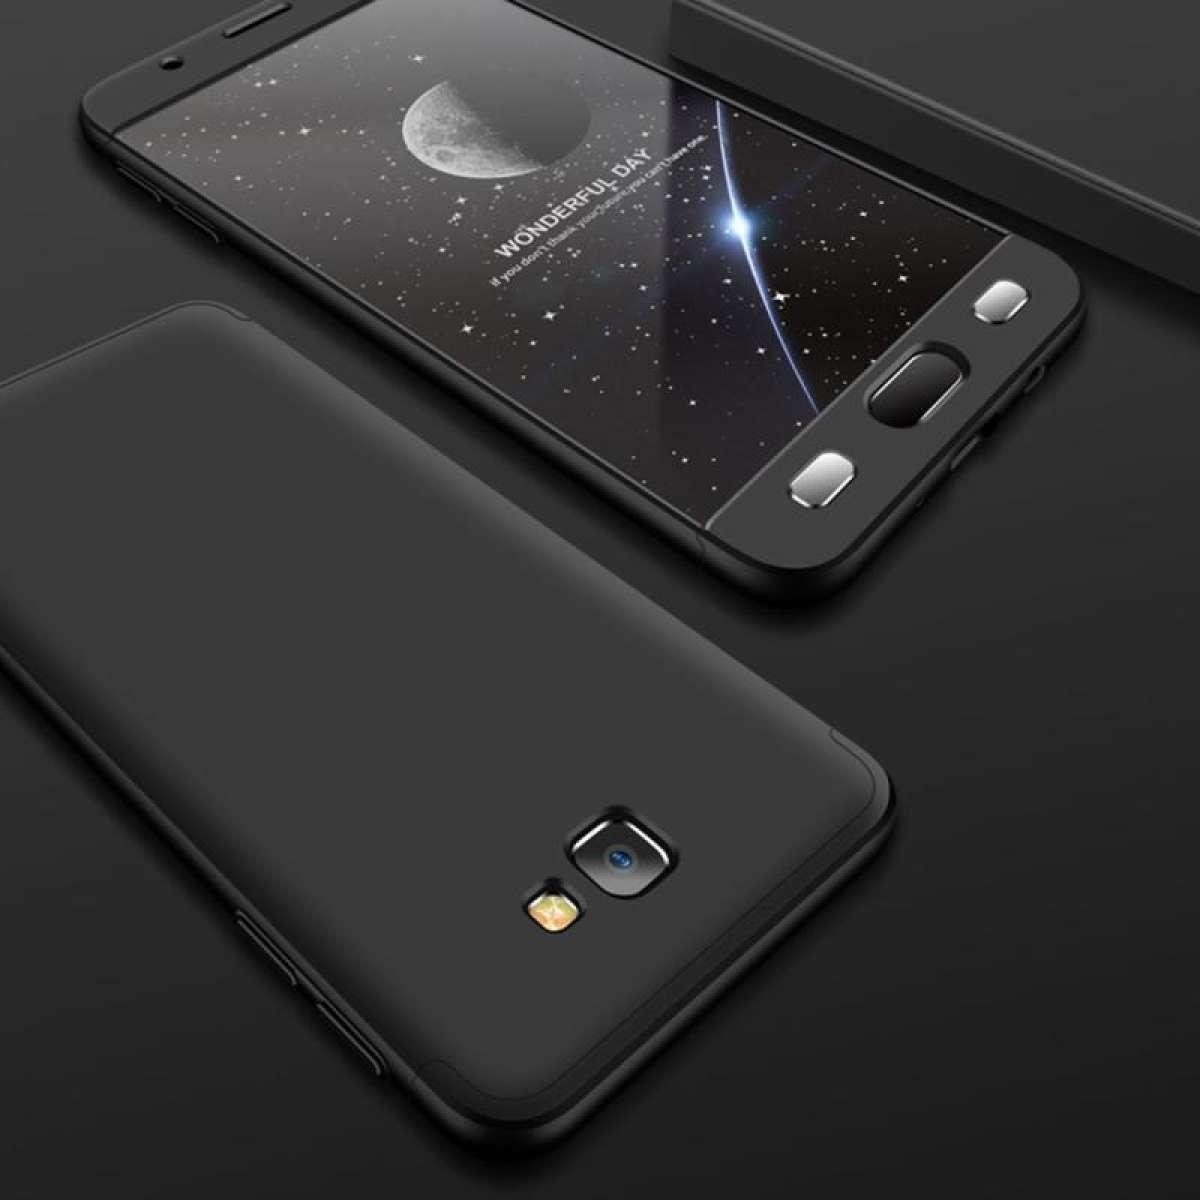 sale retailer 6d25d 8e8c0 Samsung J7 Max 360 Degree GKK Phone Back Cover - Black